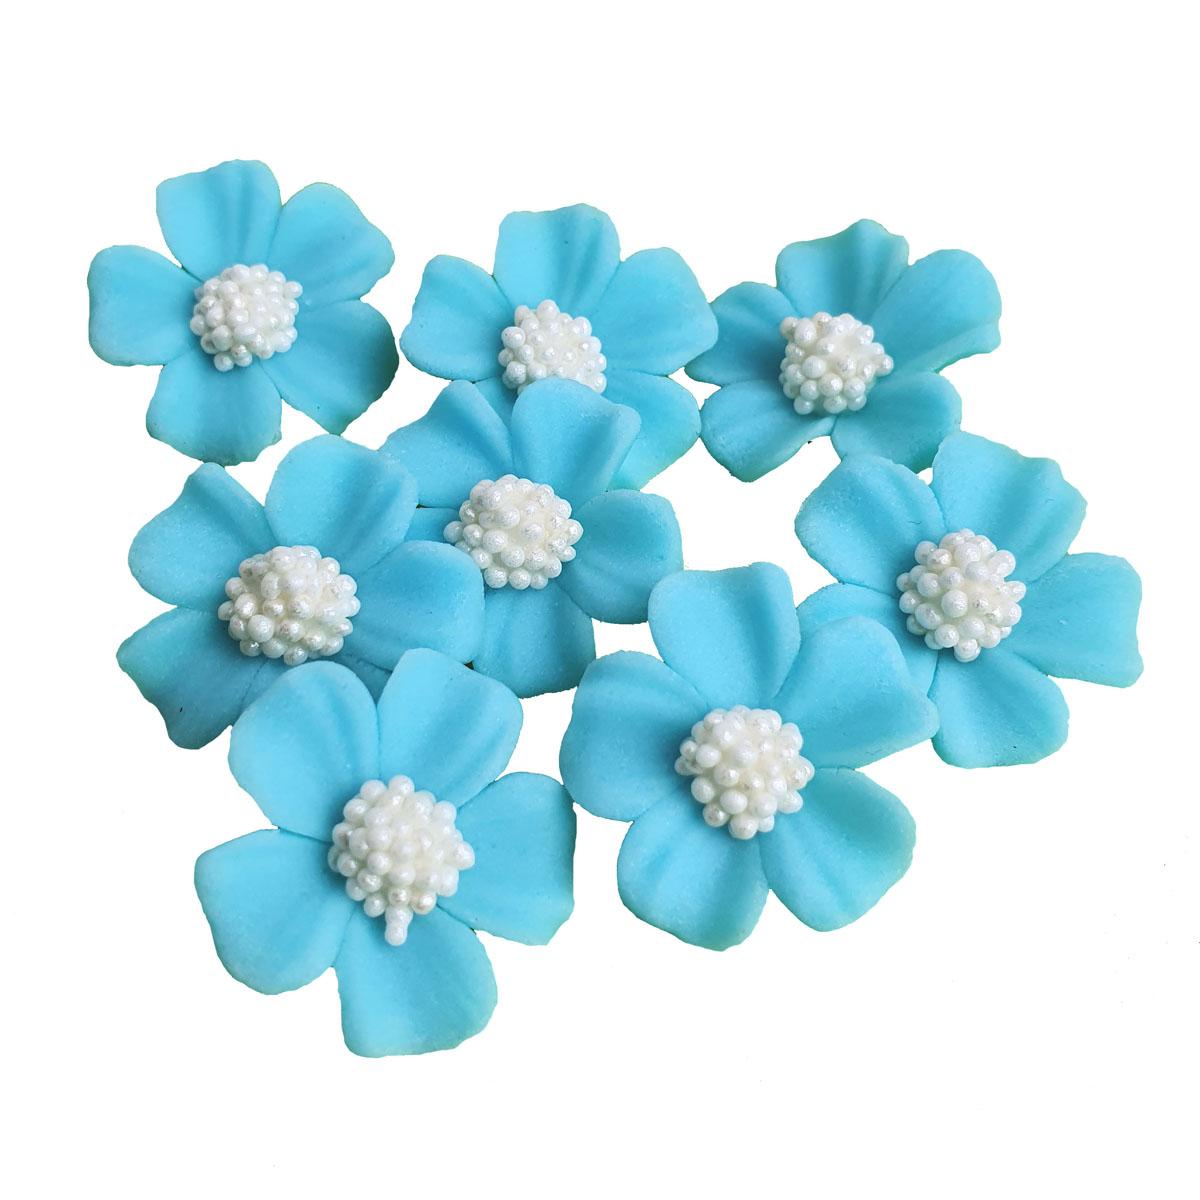 Zuckerblumen Vergissmeinnicht 8 Stück - Blau